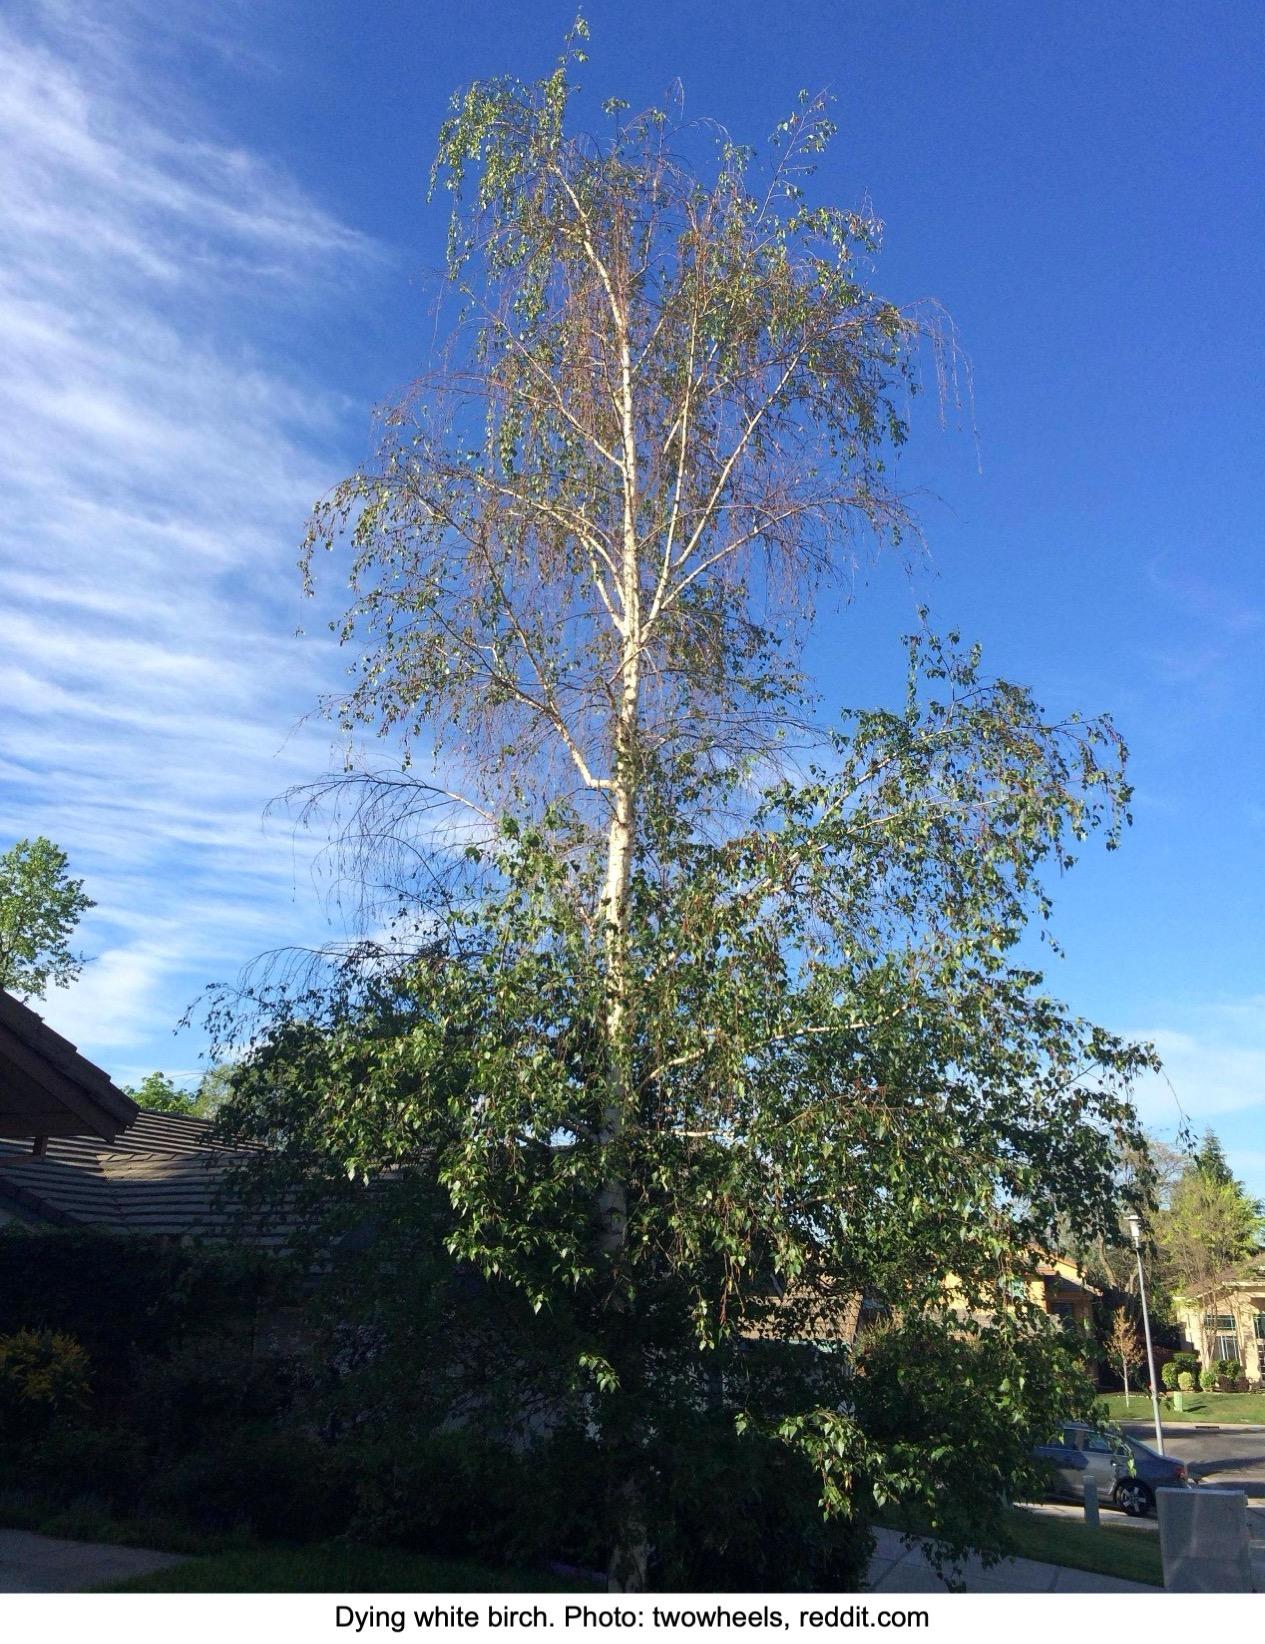 Dying white birch